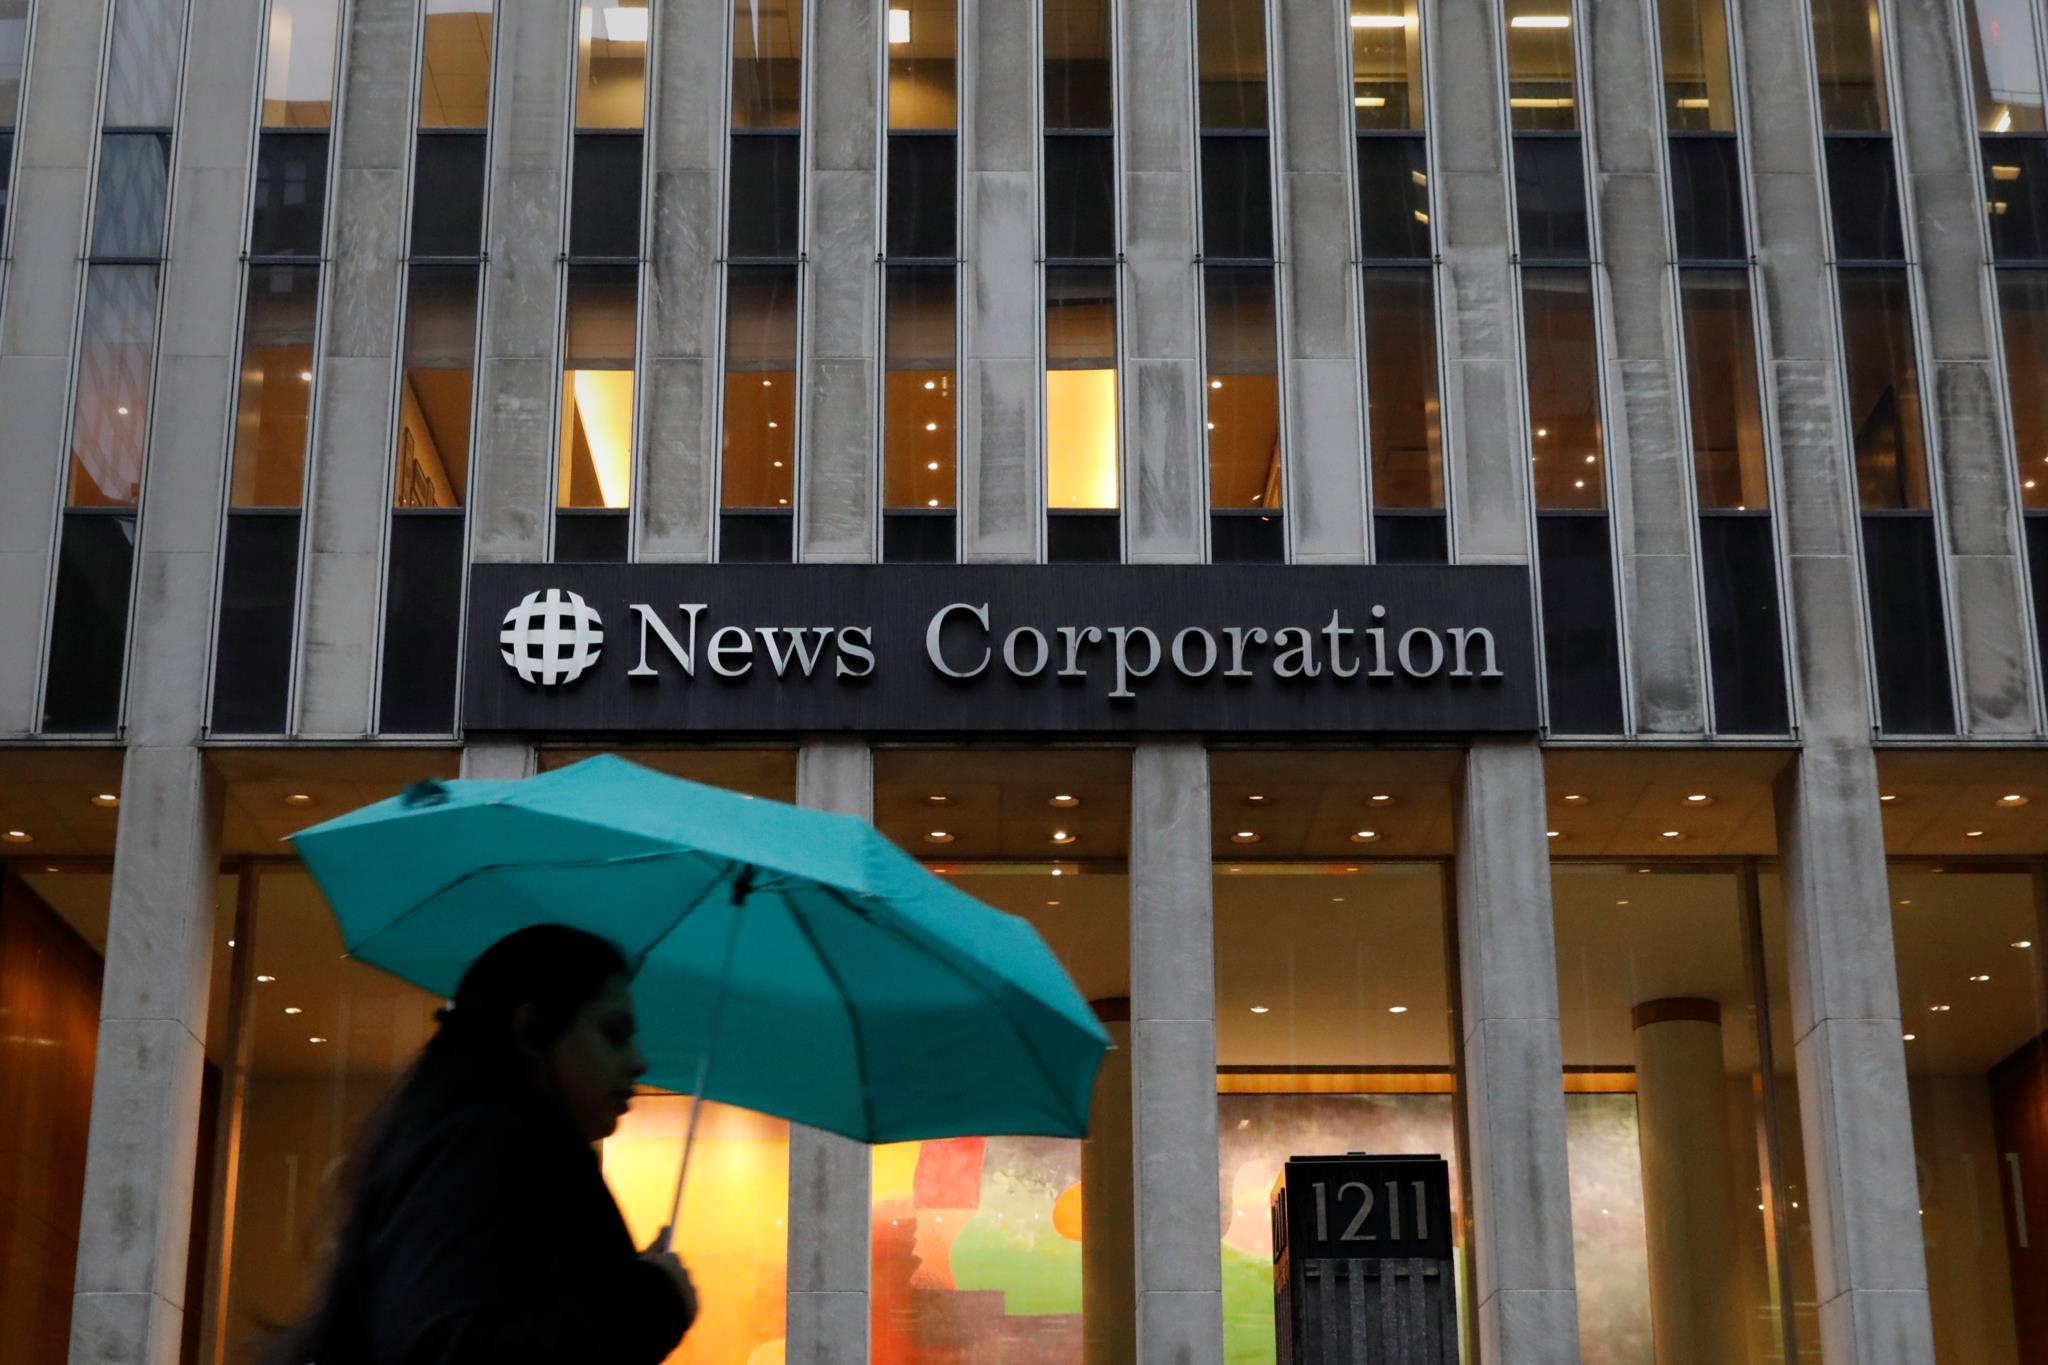 PÚBLICO - Fox News apaga história falsa sobre homicídio do democrata Seth Rich